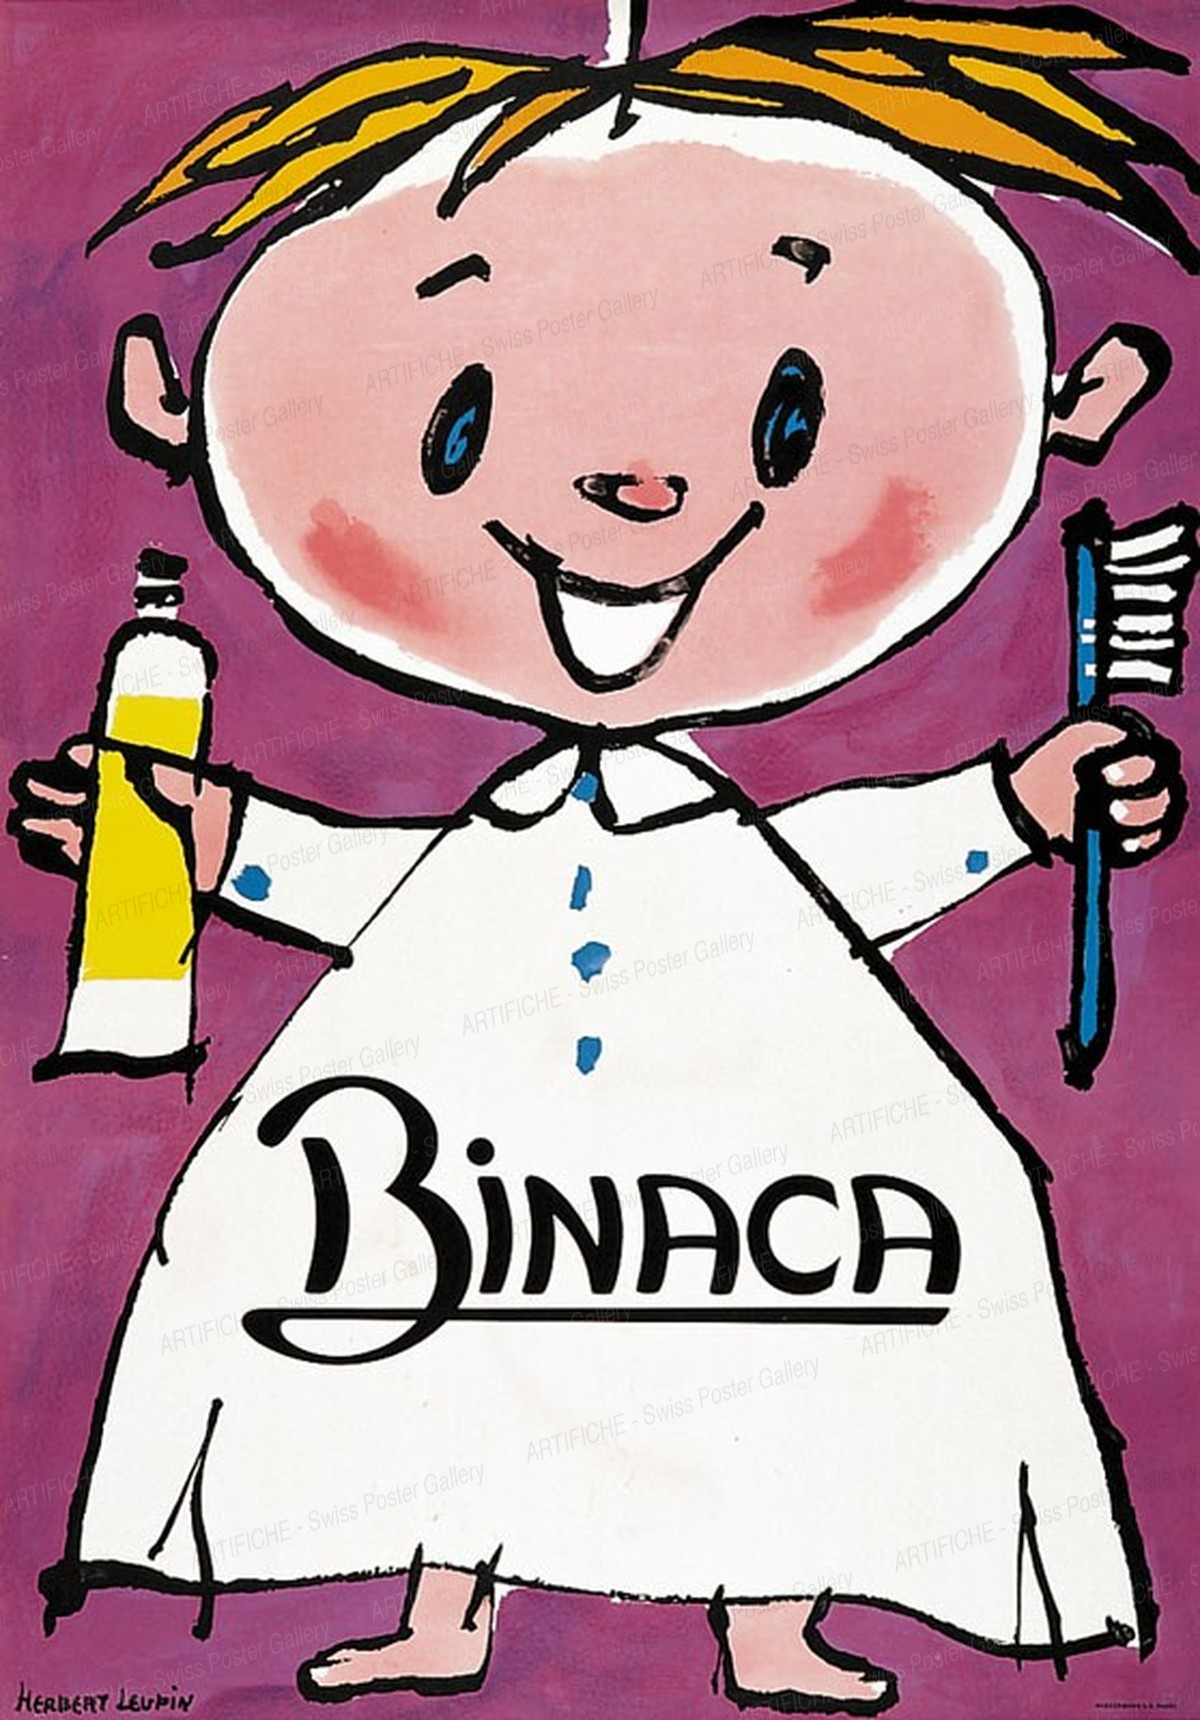 BINACA, Herbert Leupin